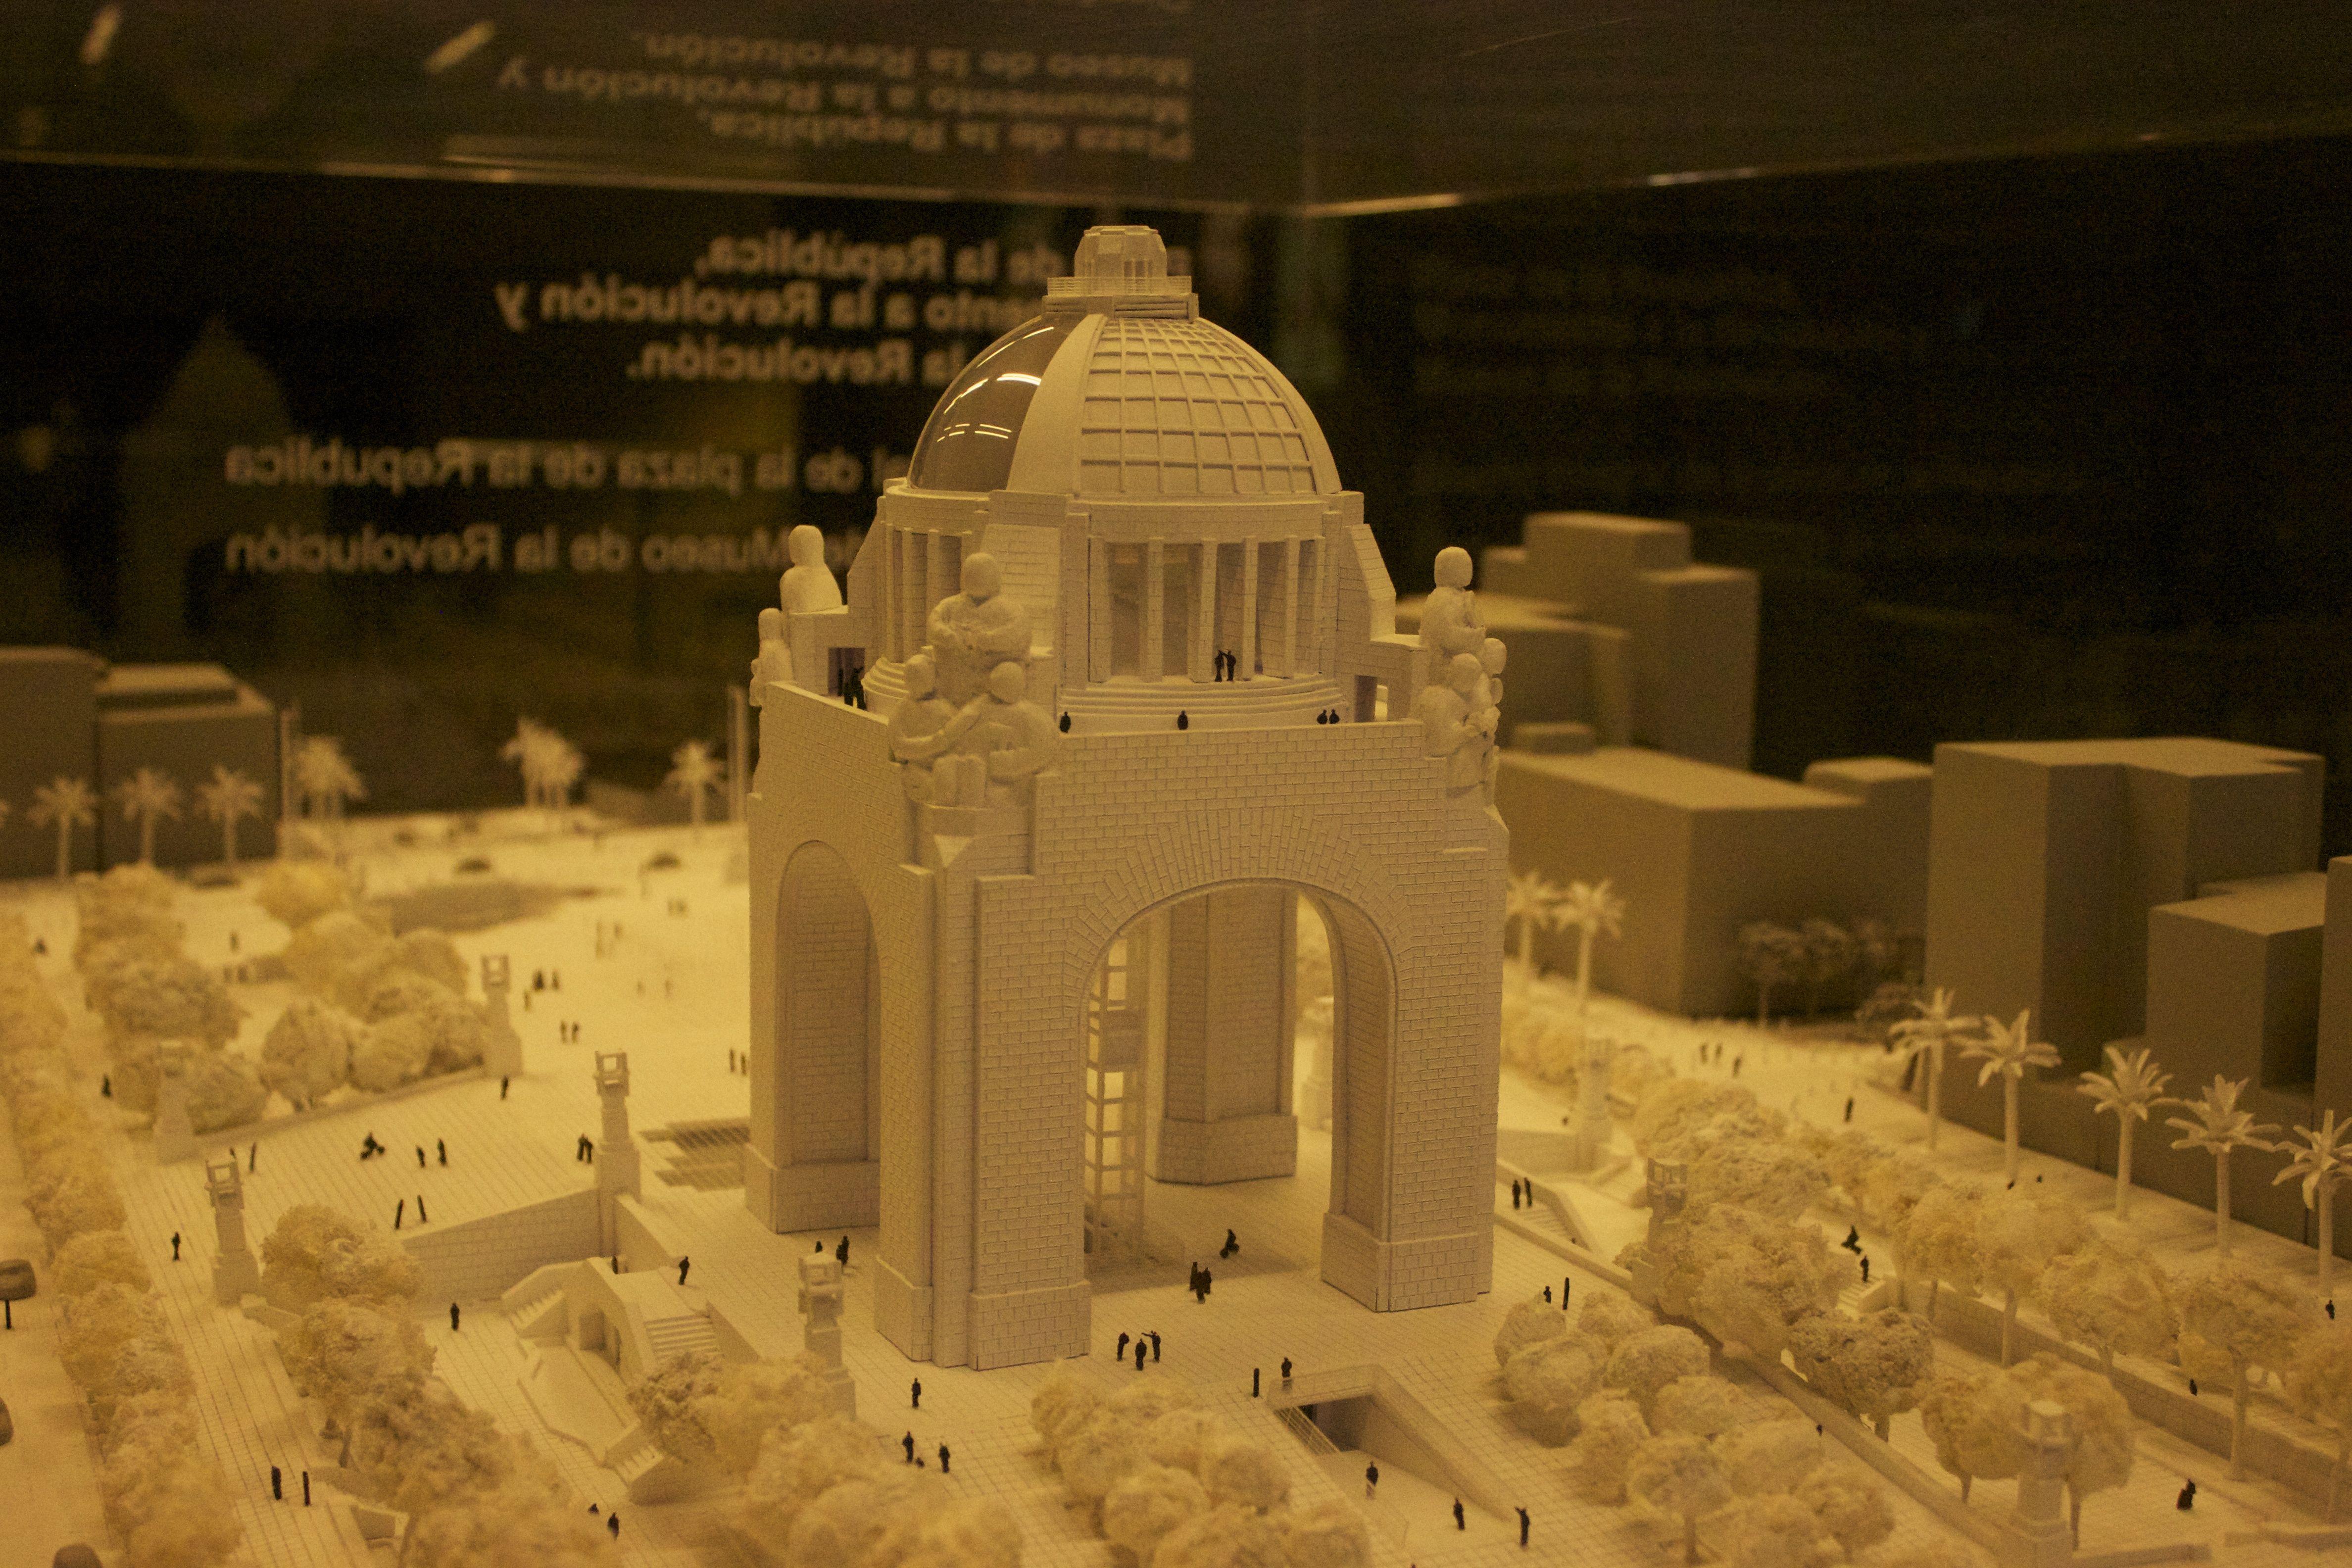 Maqueta Del Monumento A La Revolucion Interior Del Museo Nal De La Revolucion Ciudad De Mexico Monumento Monumentos Arquitectura